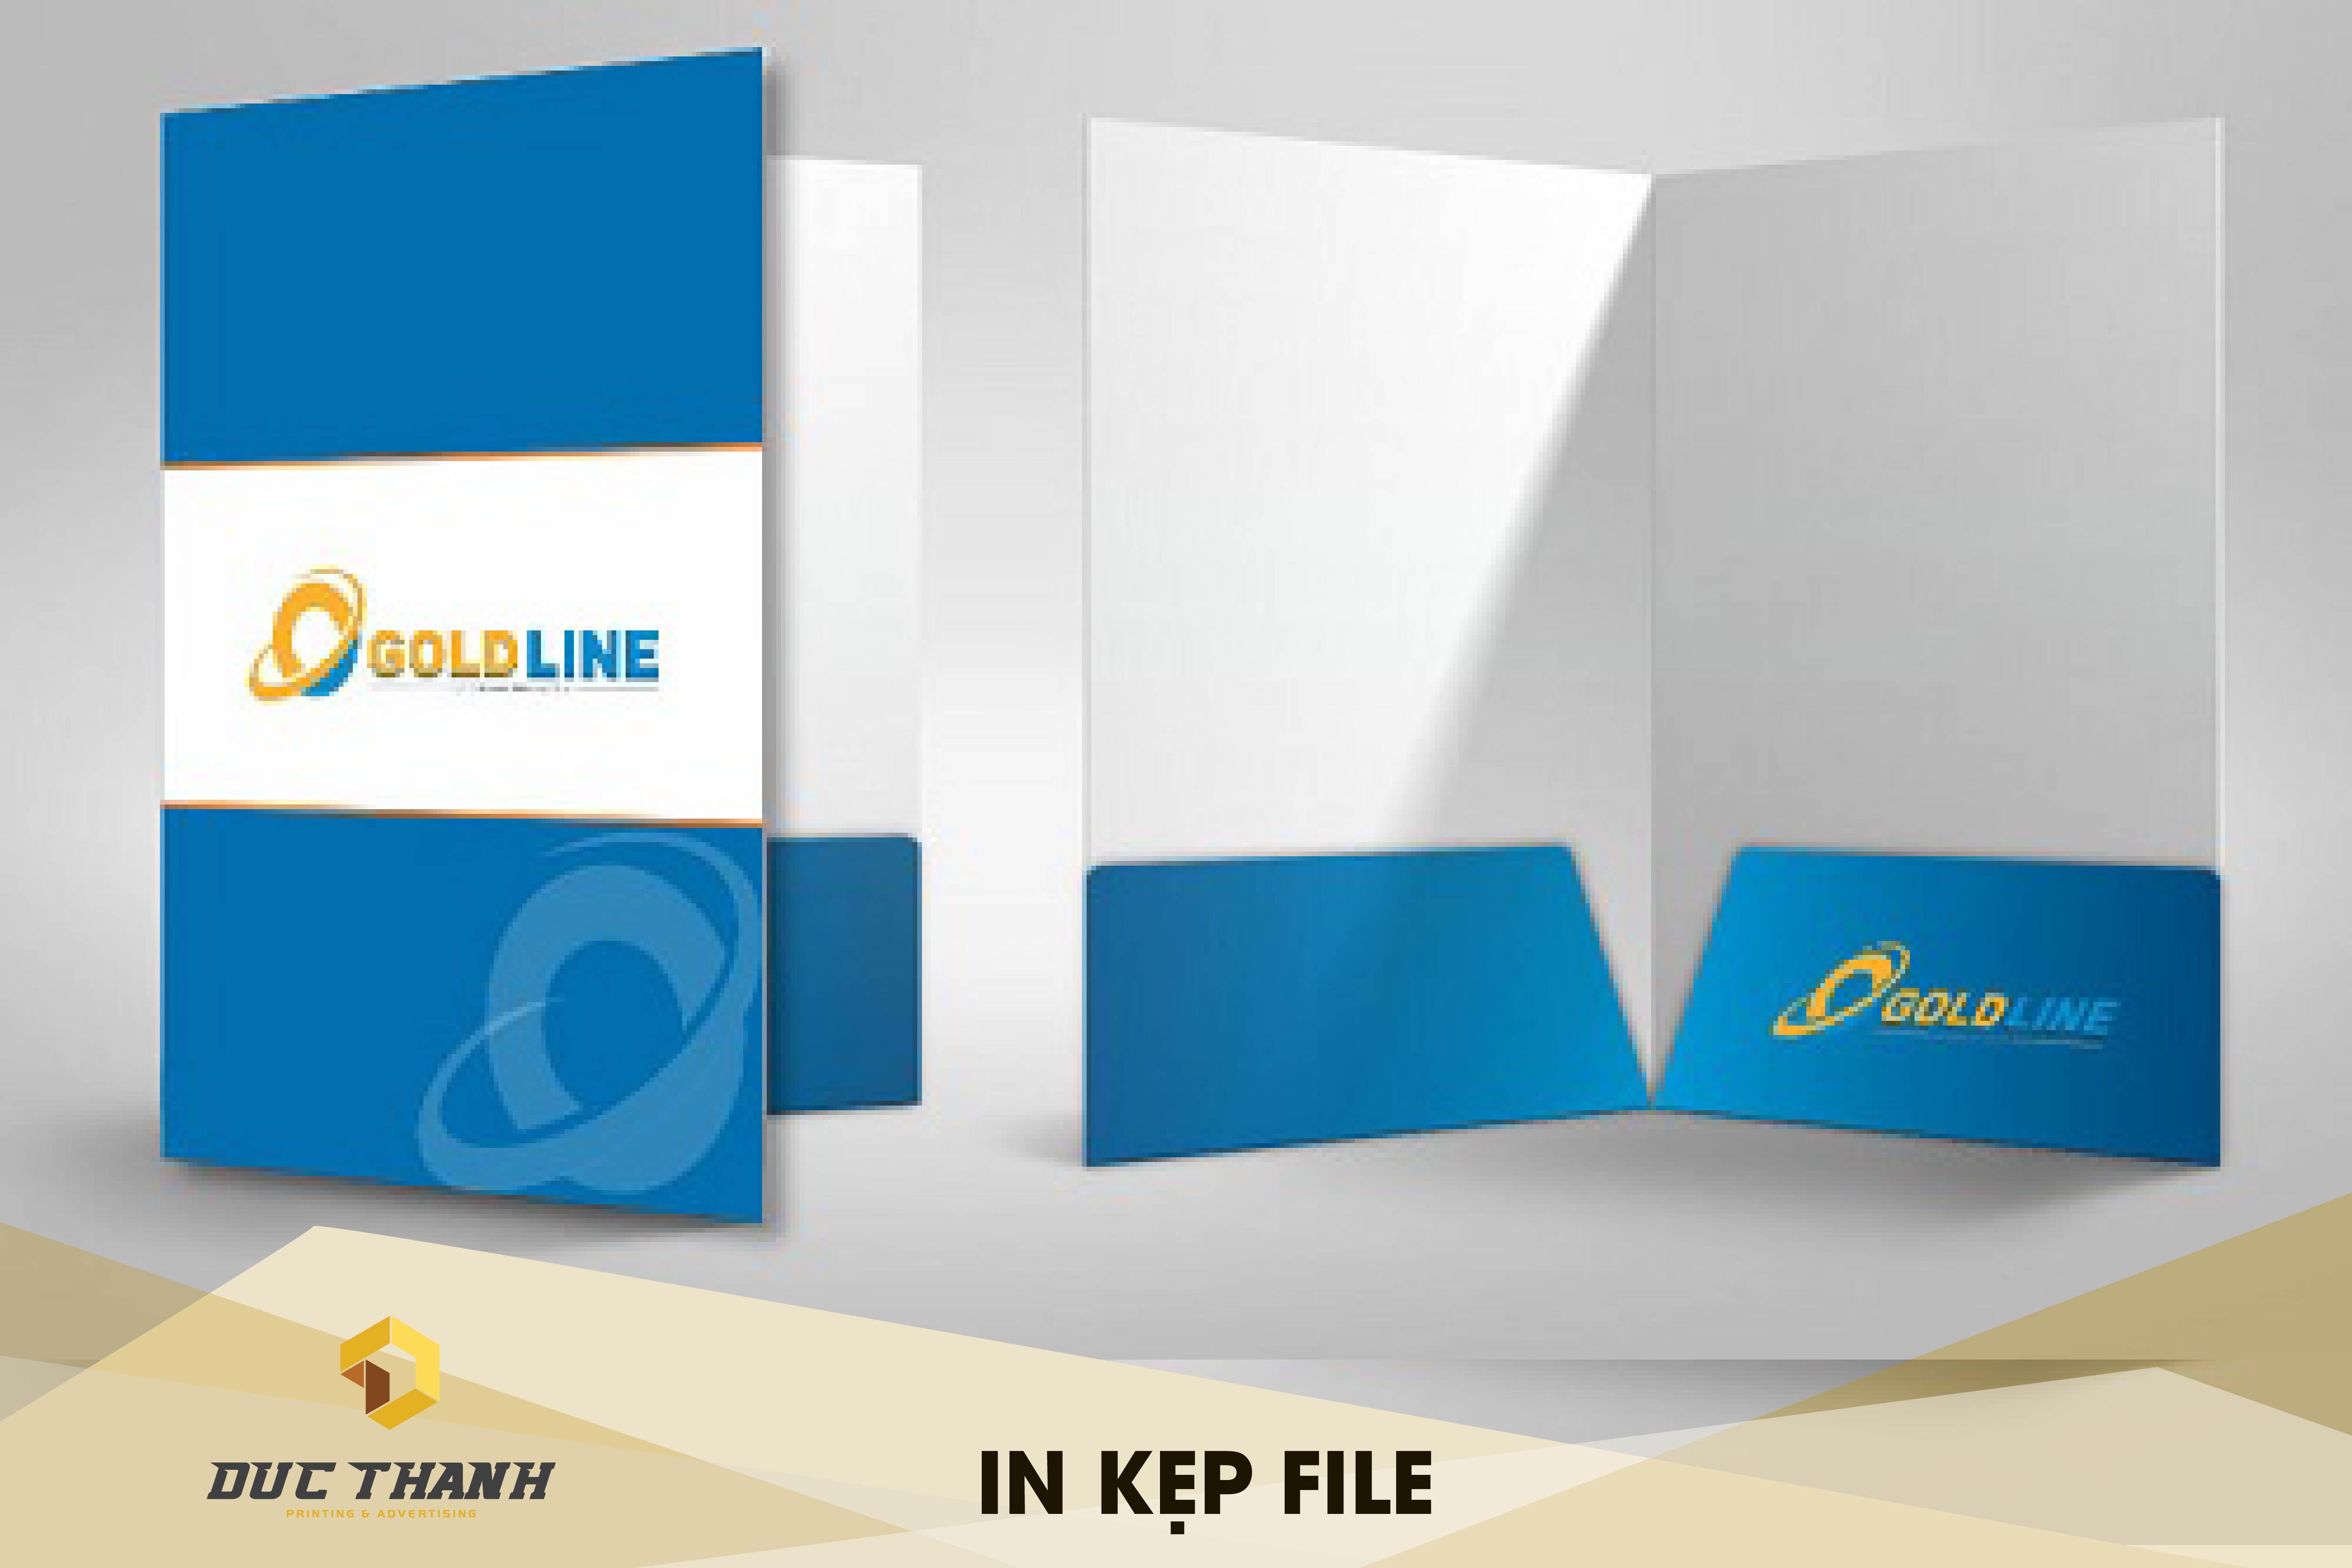 kep-file